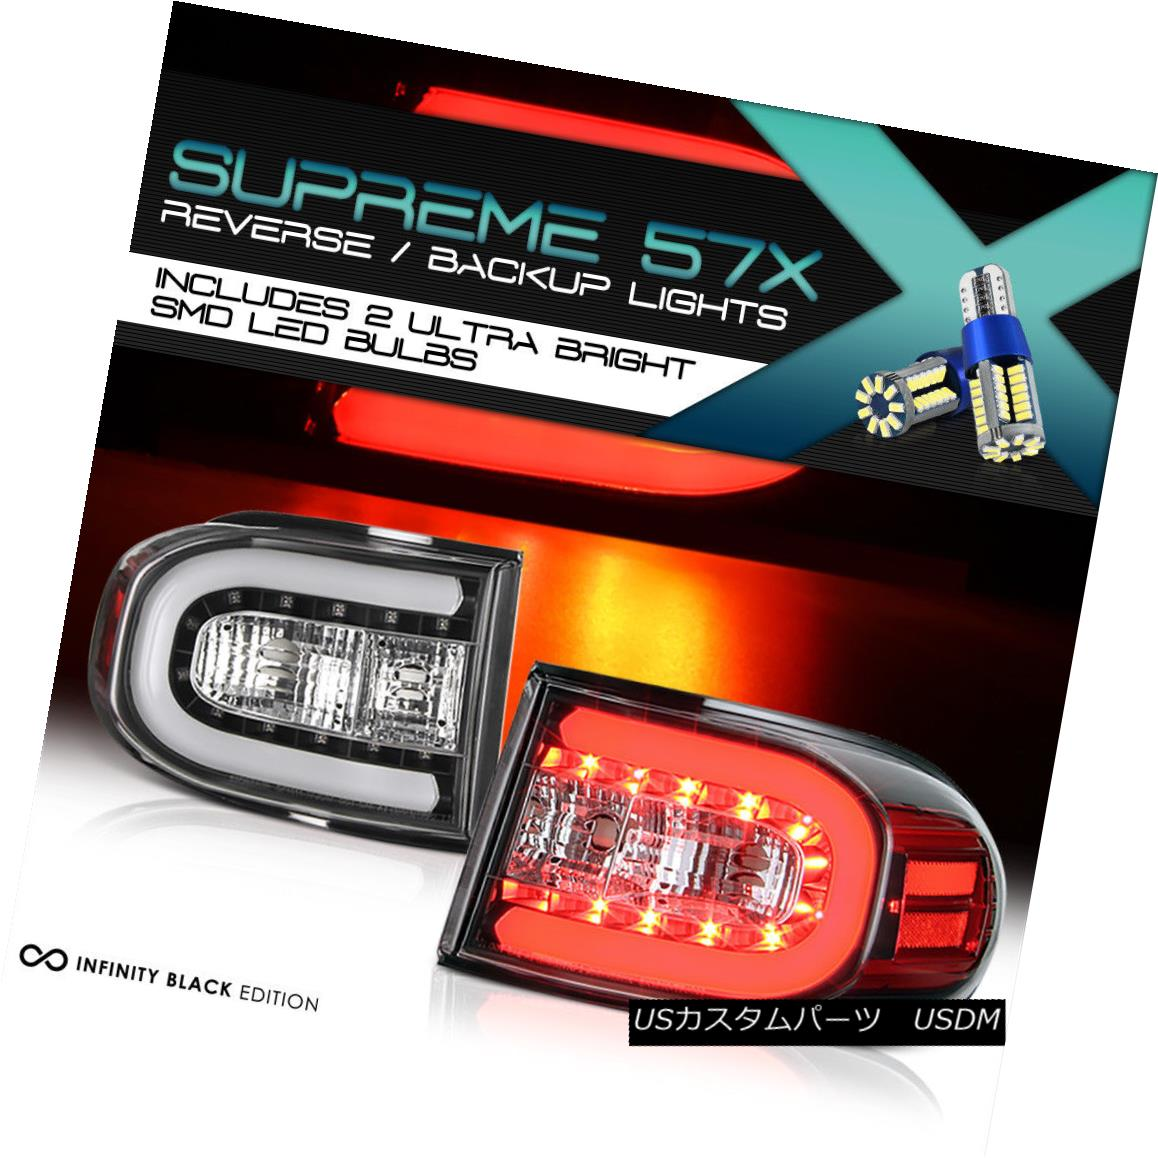 テールライト !360 Degree SMD Reverse! 2007-2015 Toyota FJ Cruiser 1GR-FE V6 LED Tail Lights 360度SMDリバース! 2007-2015トヨタFJクルーザー1GR-FE V6 LEDテールライト